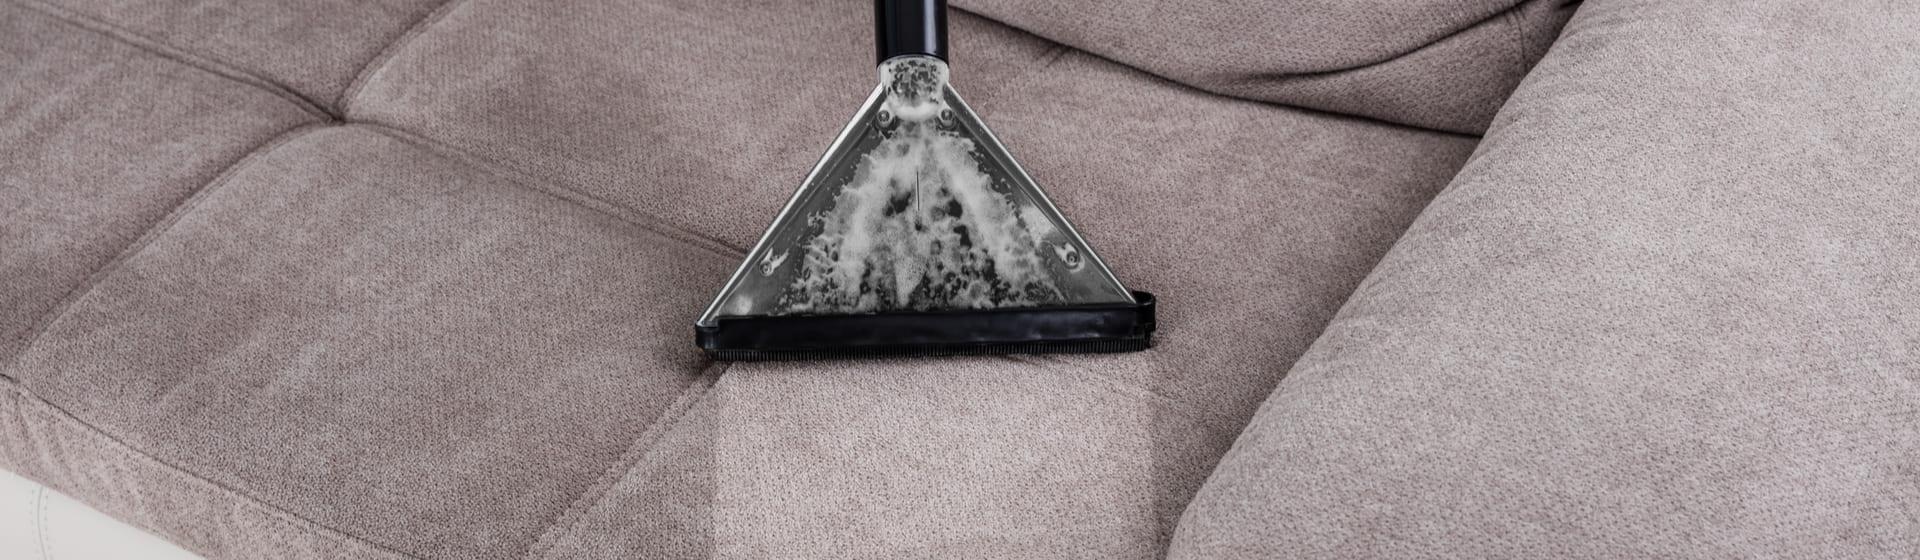 Extratora WAP: 7 opções para a limpeza da sua casa